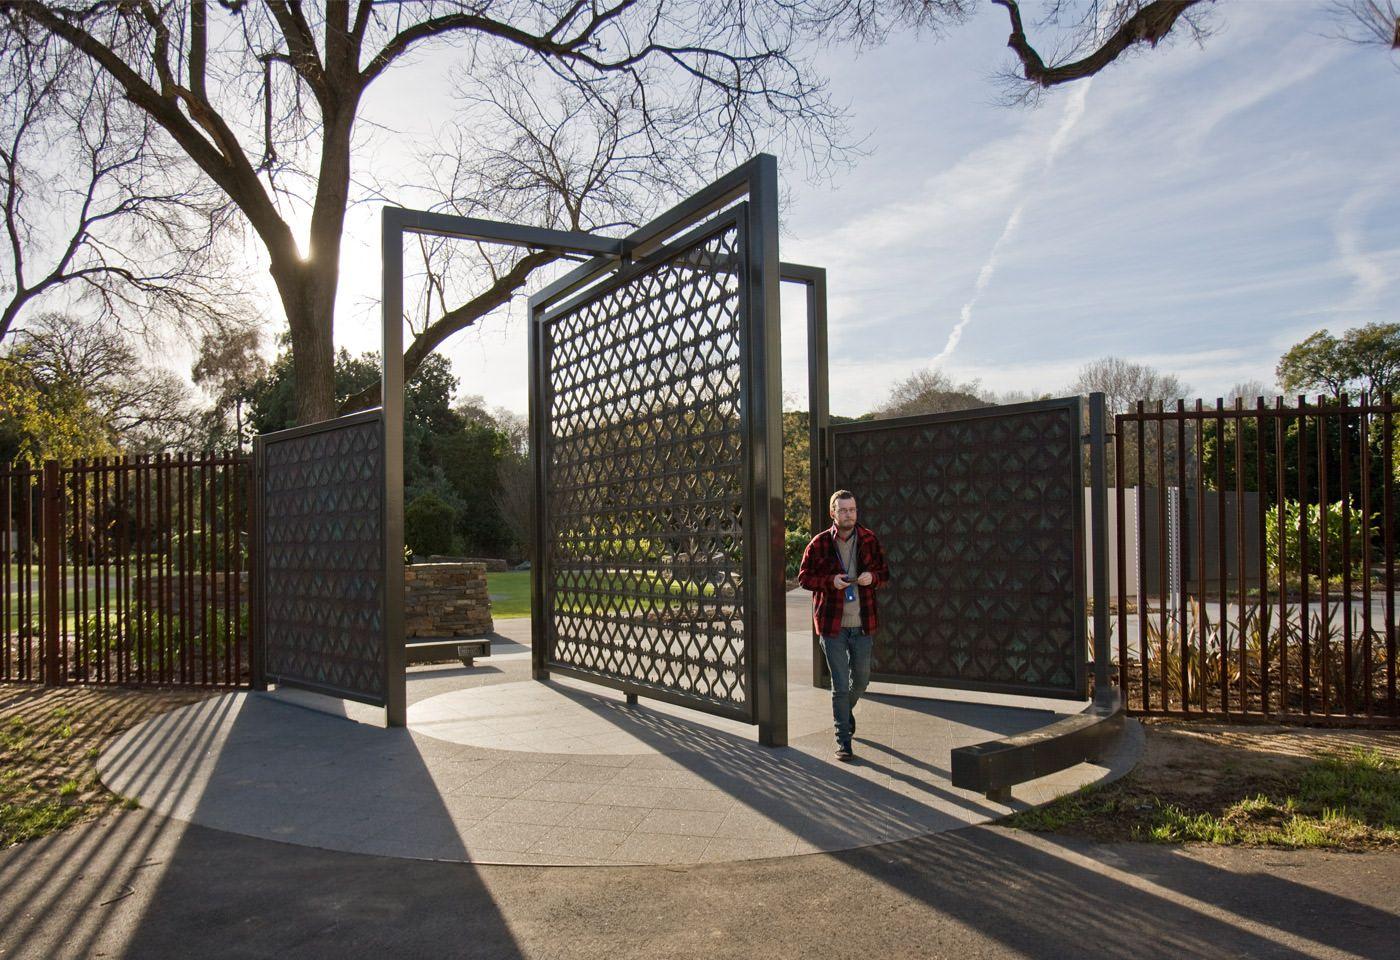 Big Pivot Gate Modern Gate Entrance Design Parking Design